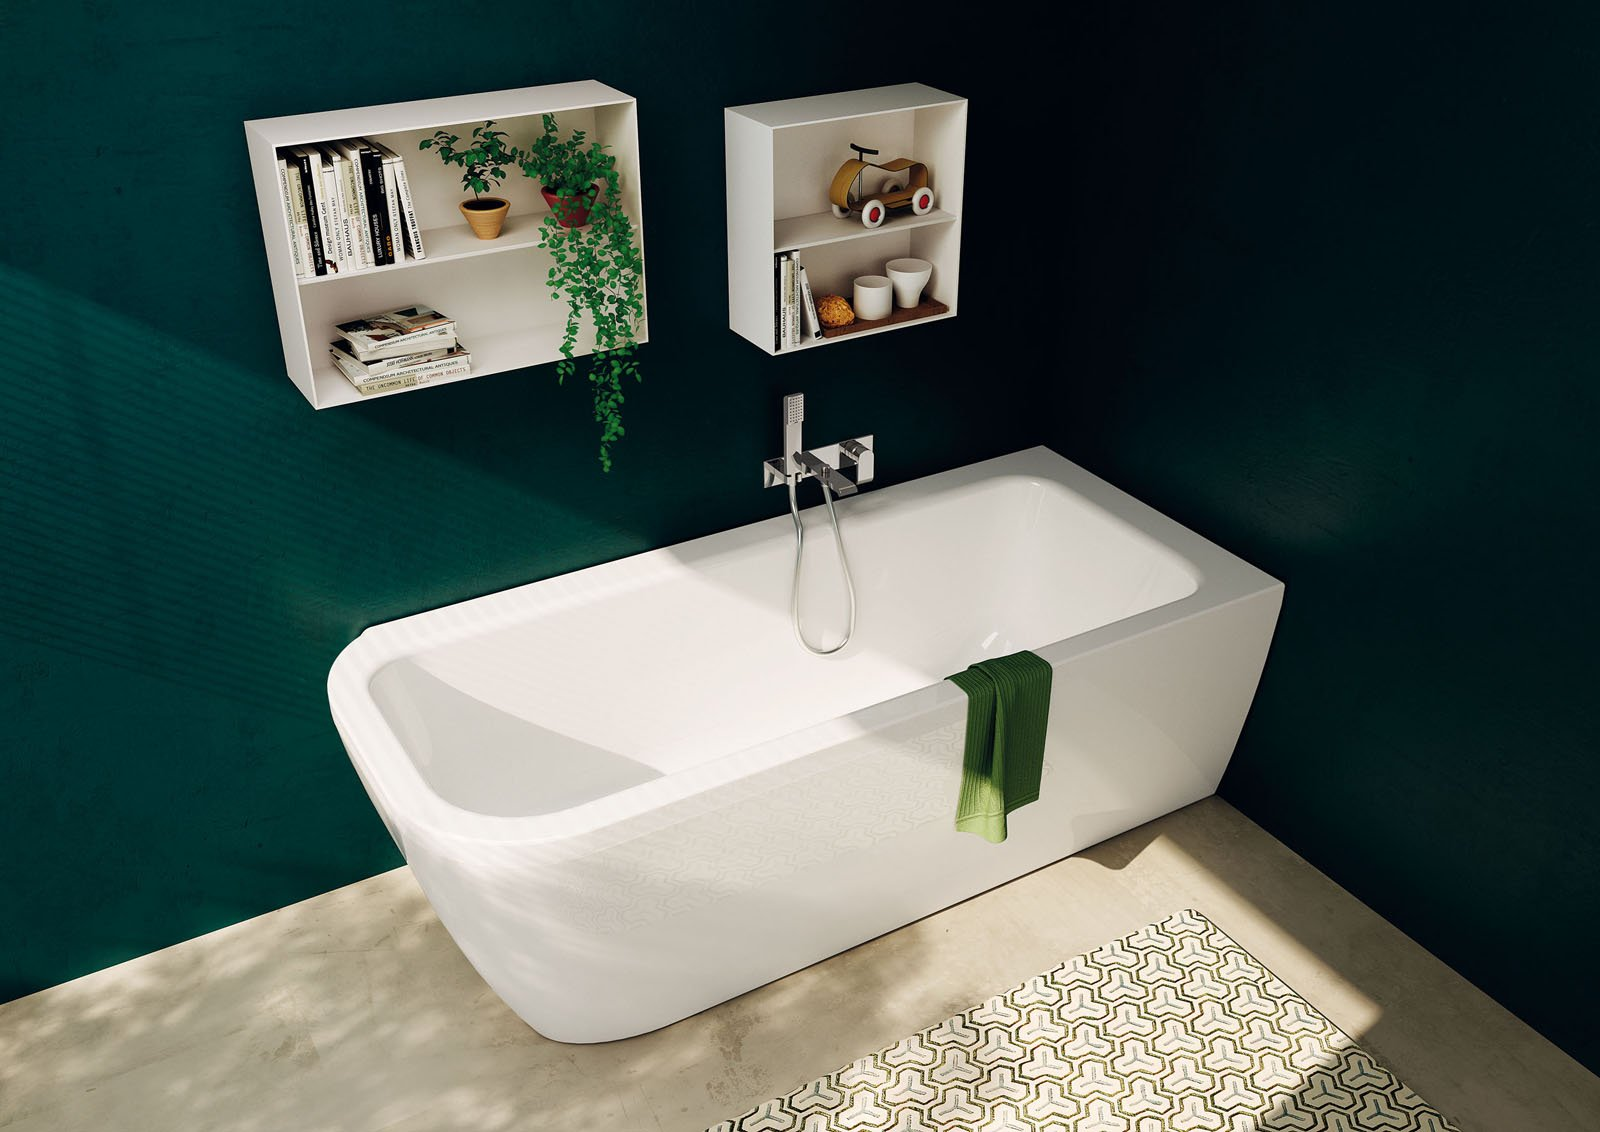 Vasca con doccia idromassaggio - Vasche da bagno con box doccia incorporato ...